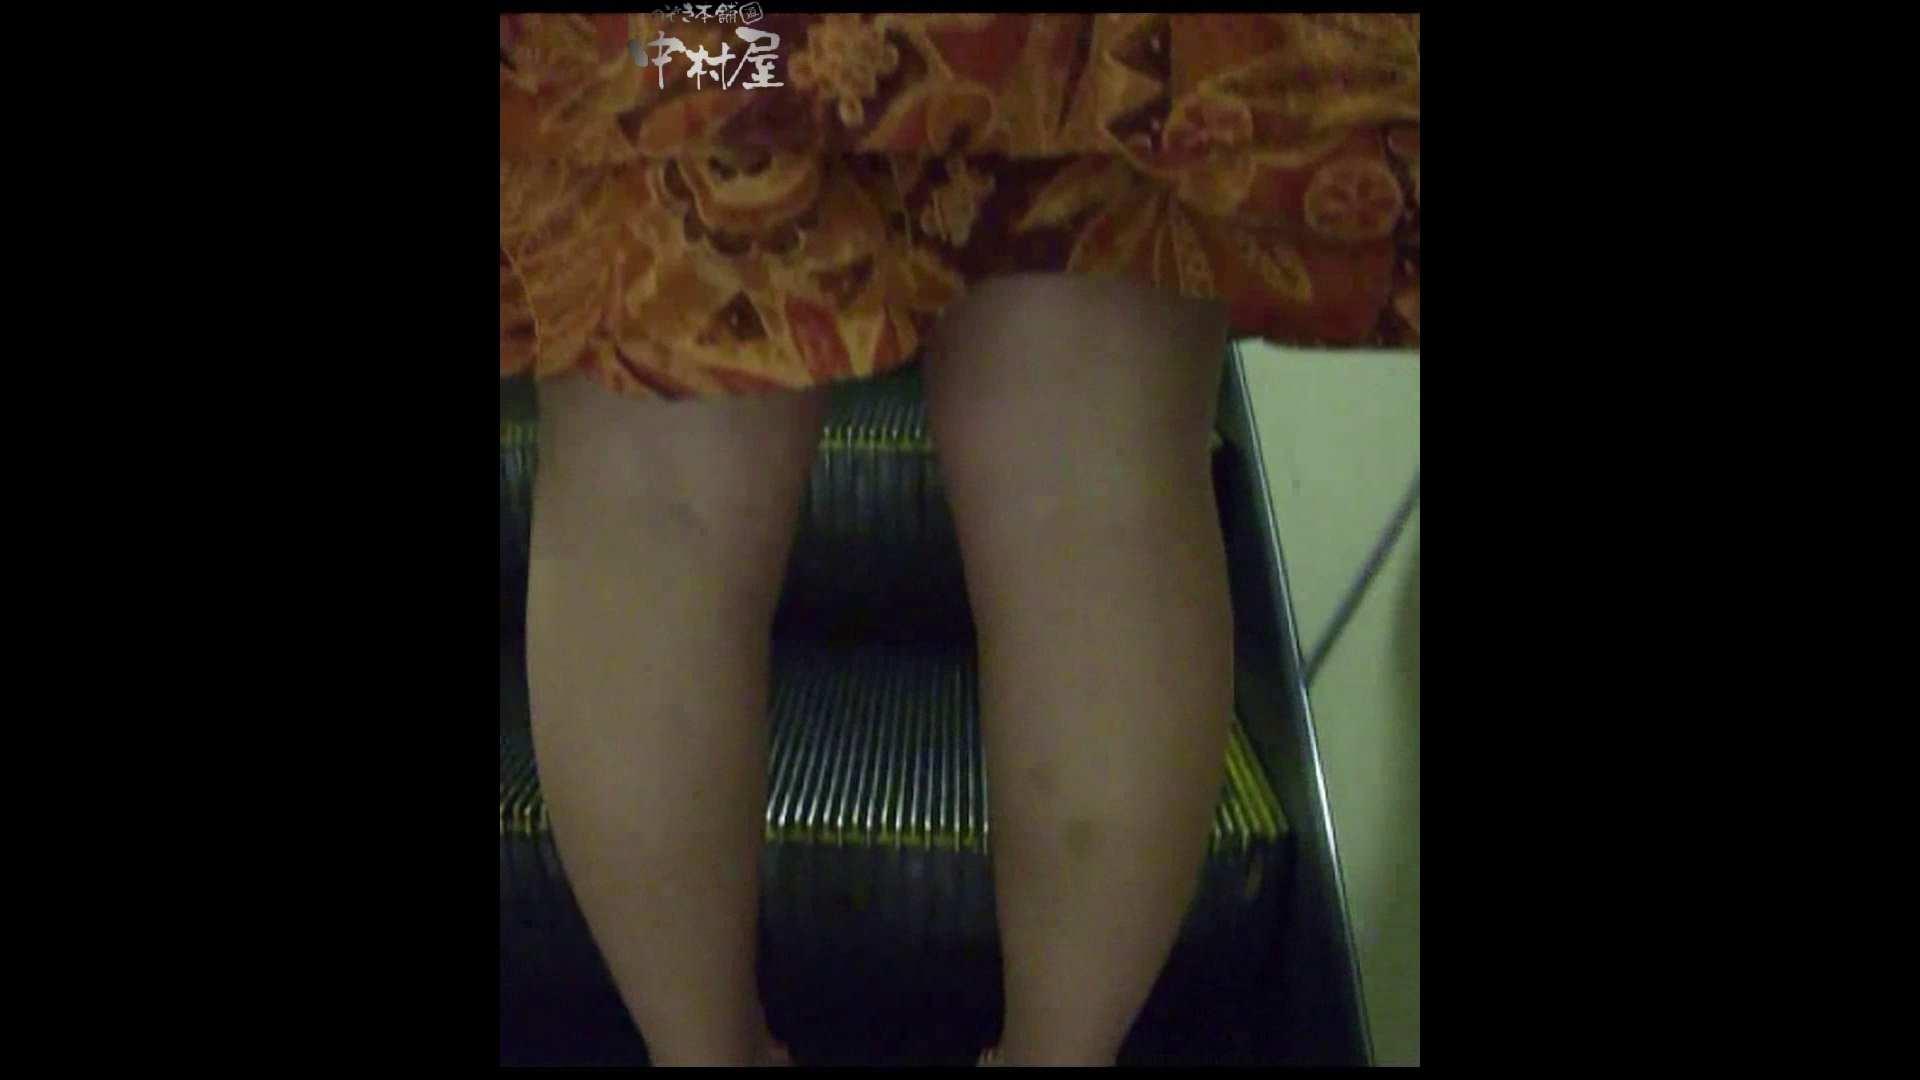 綺麗なモデルさんのスカート捲っちゃおう‼ vol13 OLハメ撮り  45Pix 42